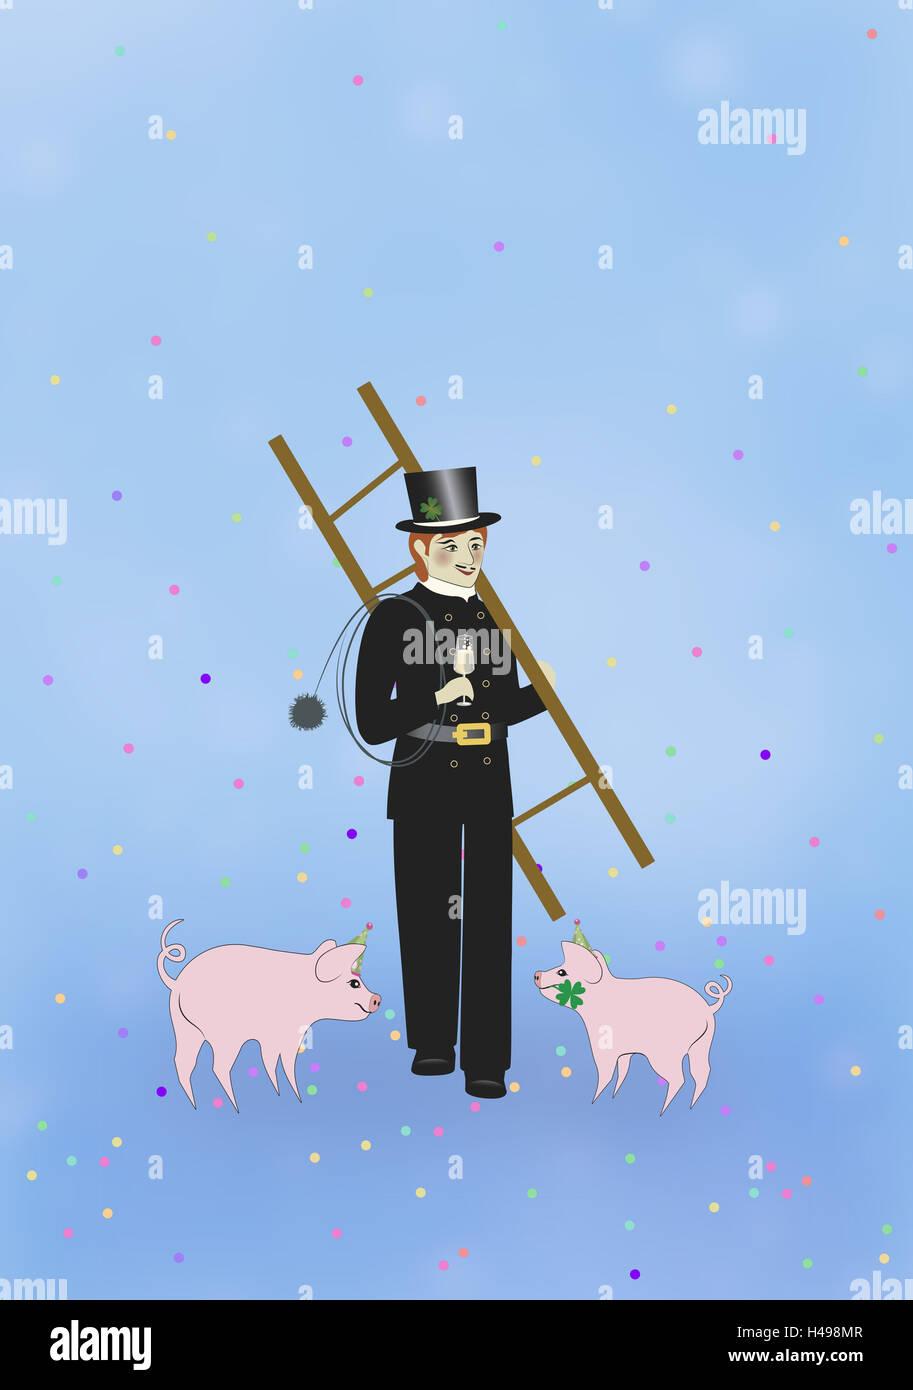 Schornsteinfeger, Glücksschwein, Konfetti, symbol, Neujahr, Glücksbringer, Illustration, Stockbild